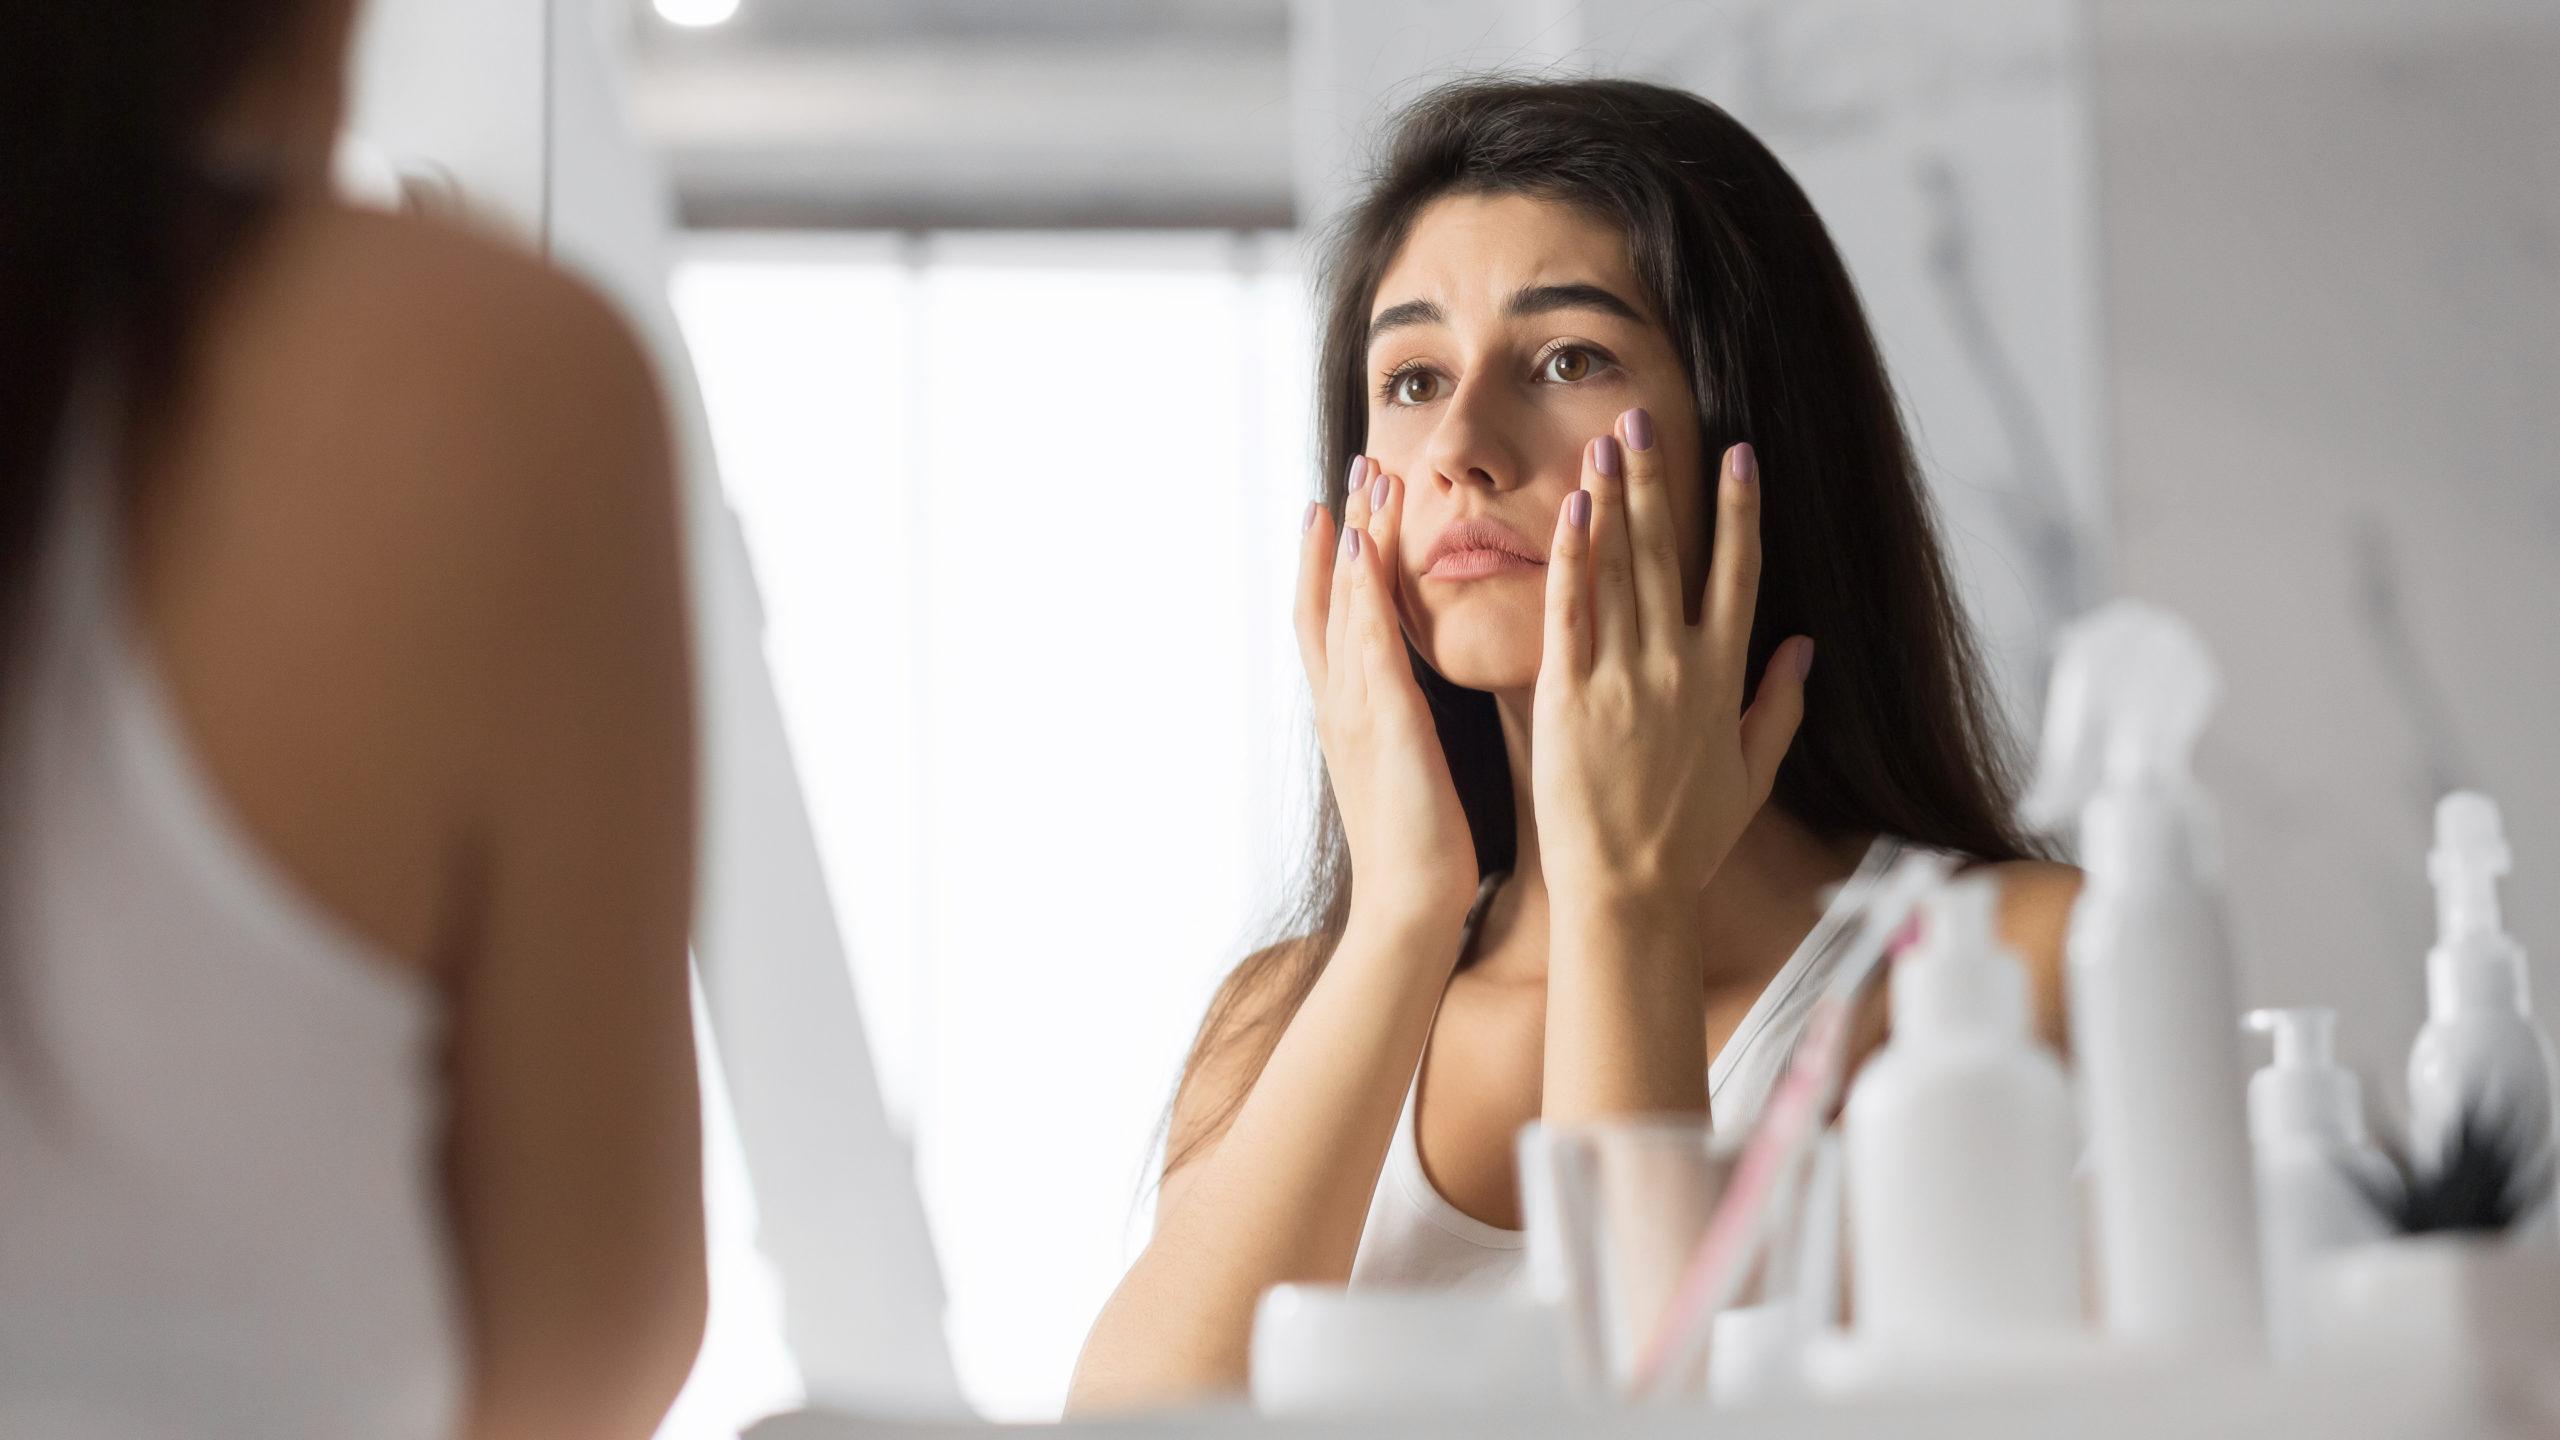 40代ママ「疲れ顔の劣化がヤバイ」元気で明るくスッキリを保つために意識したい、たった一つのこと